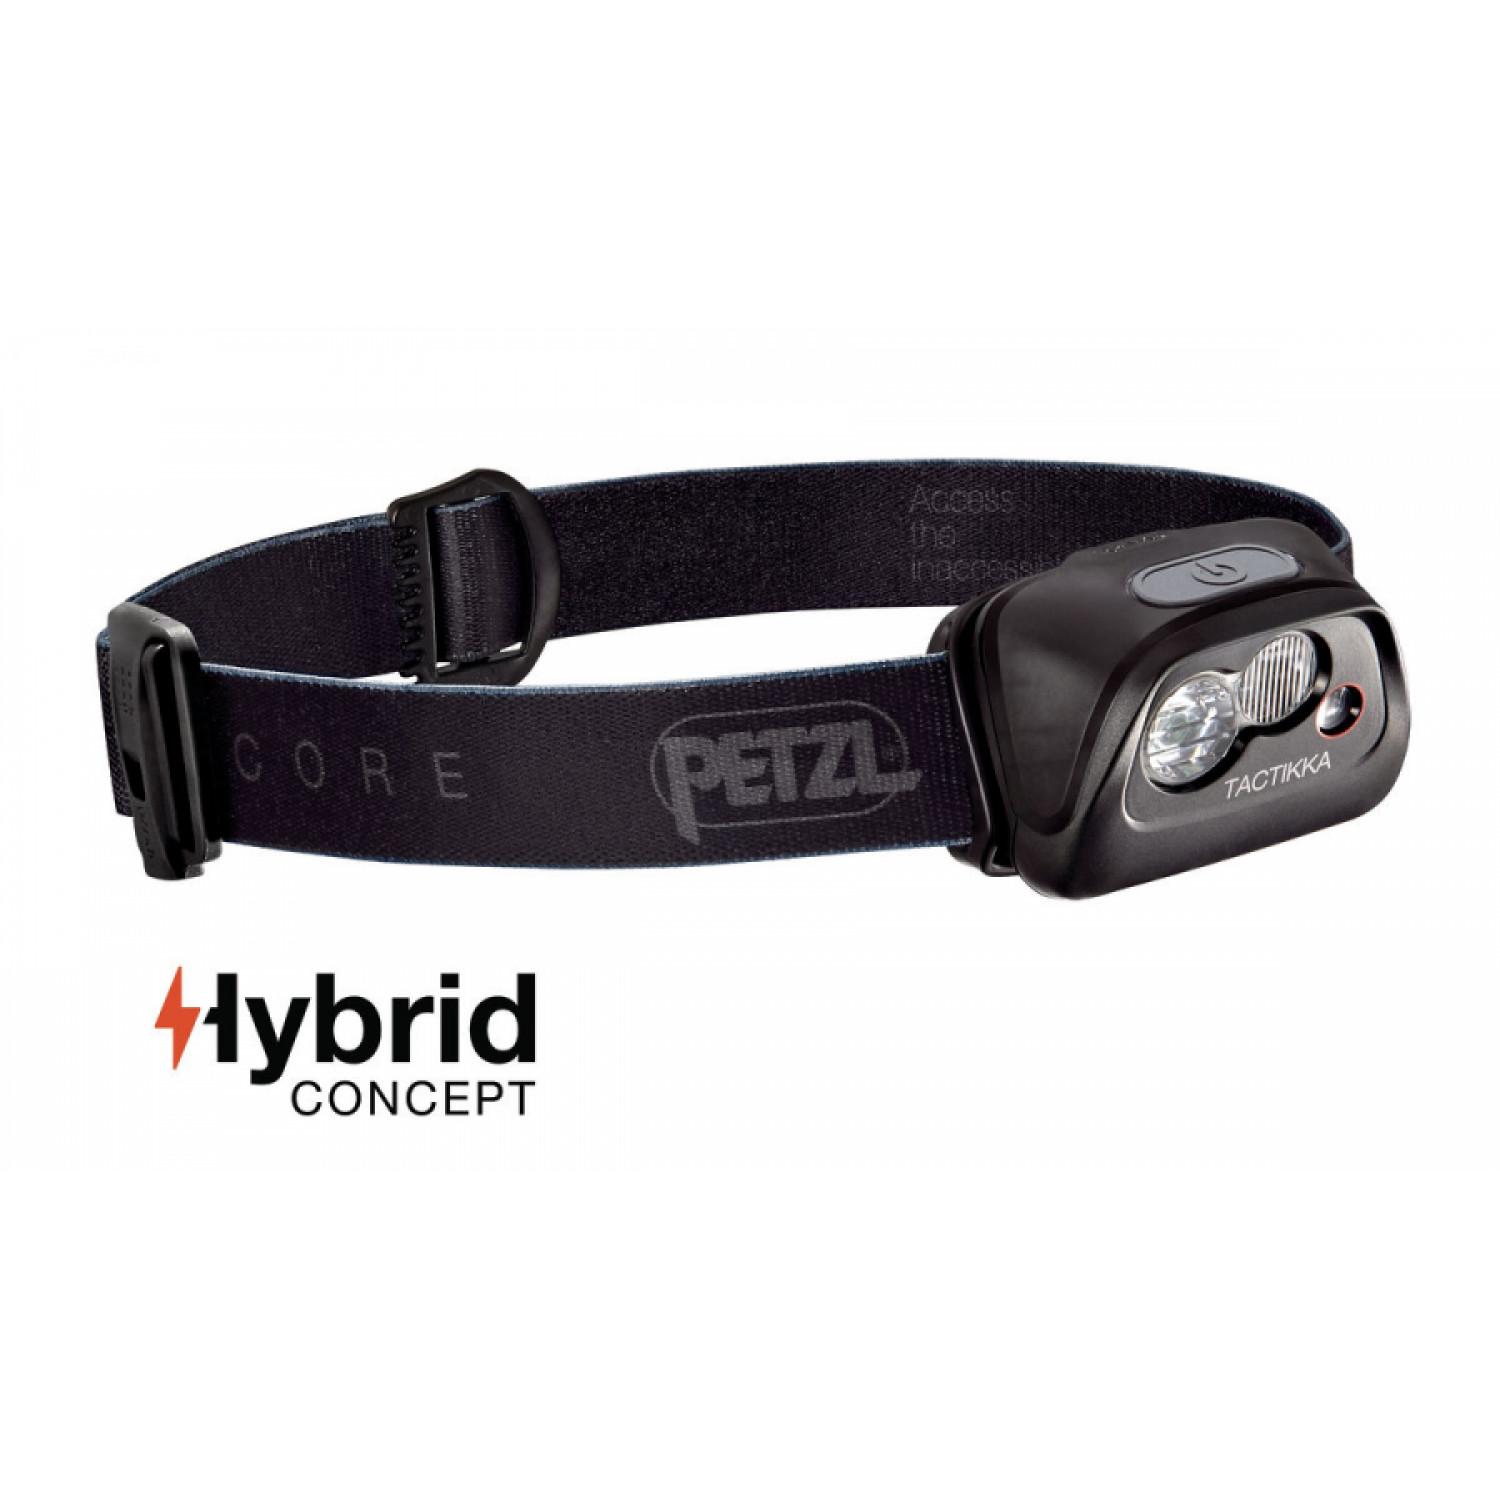 Налобный фонарь Petzl TACTIKKA® CORE 350 lumens